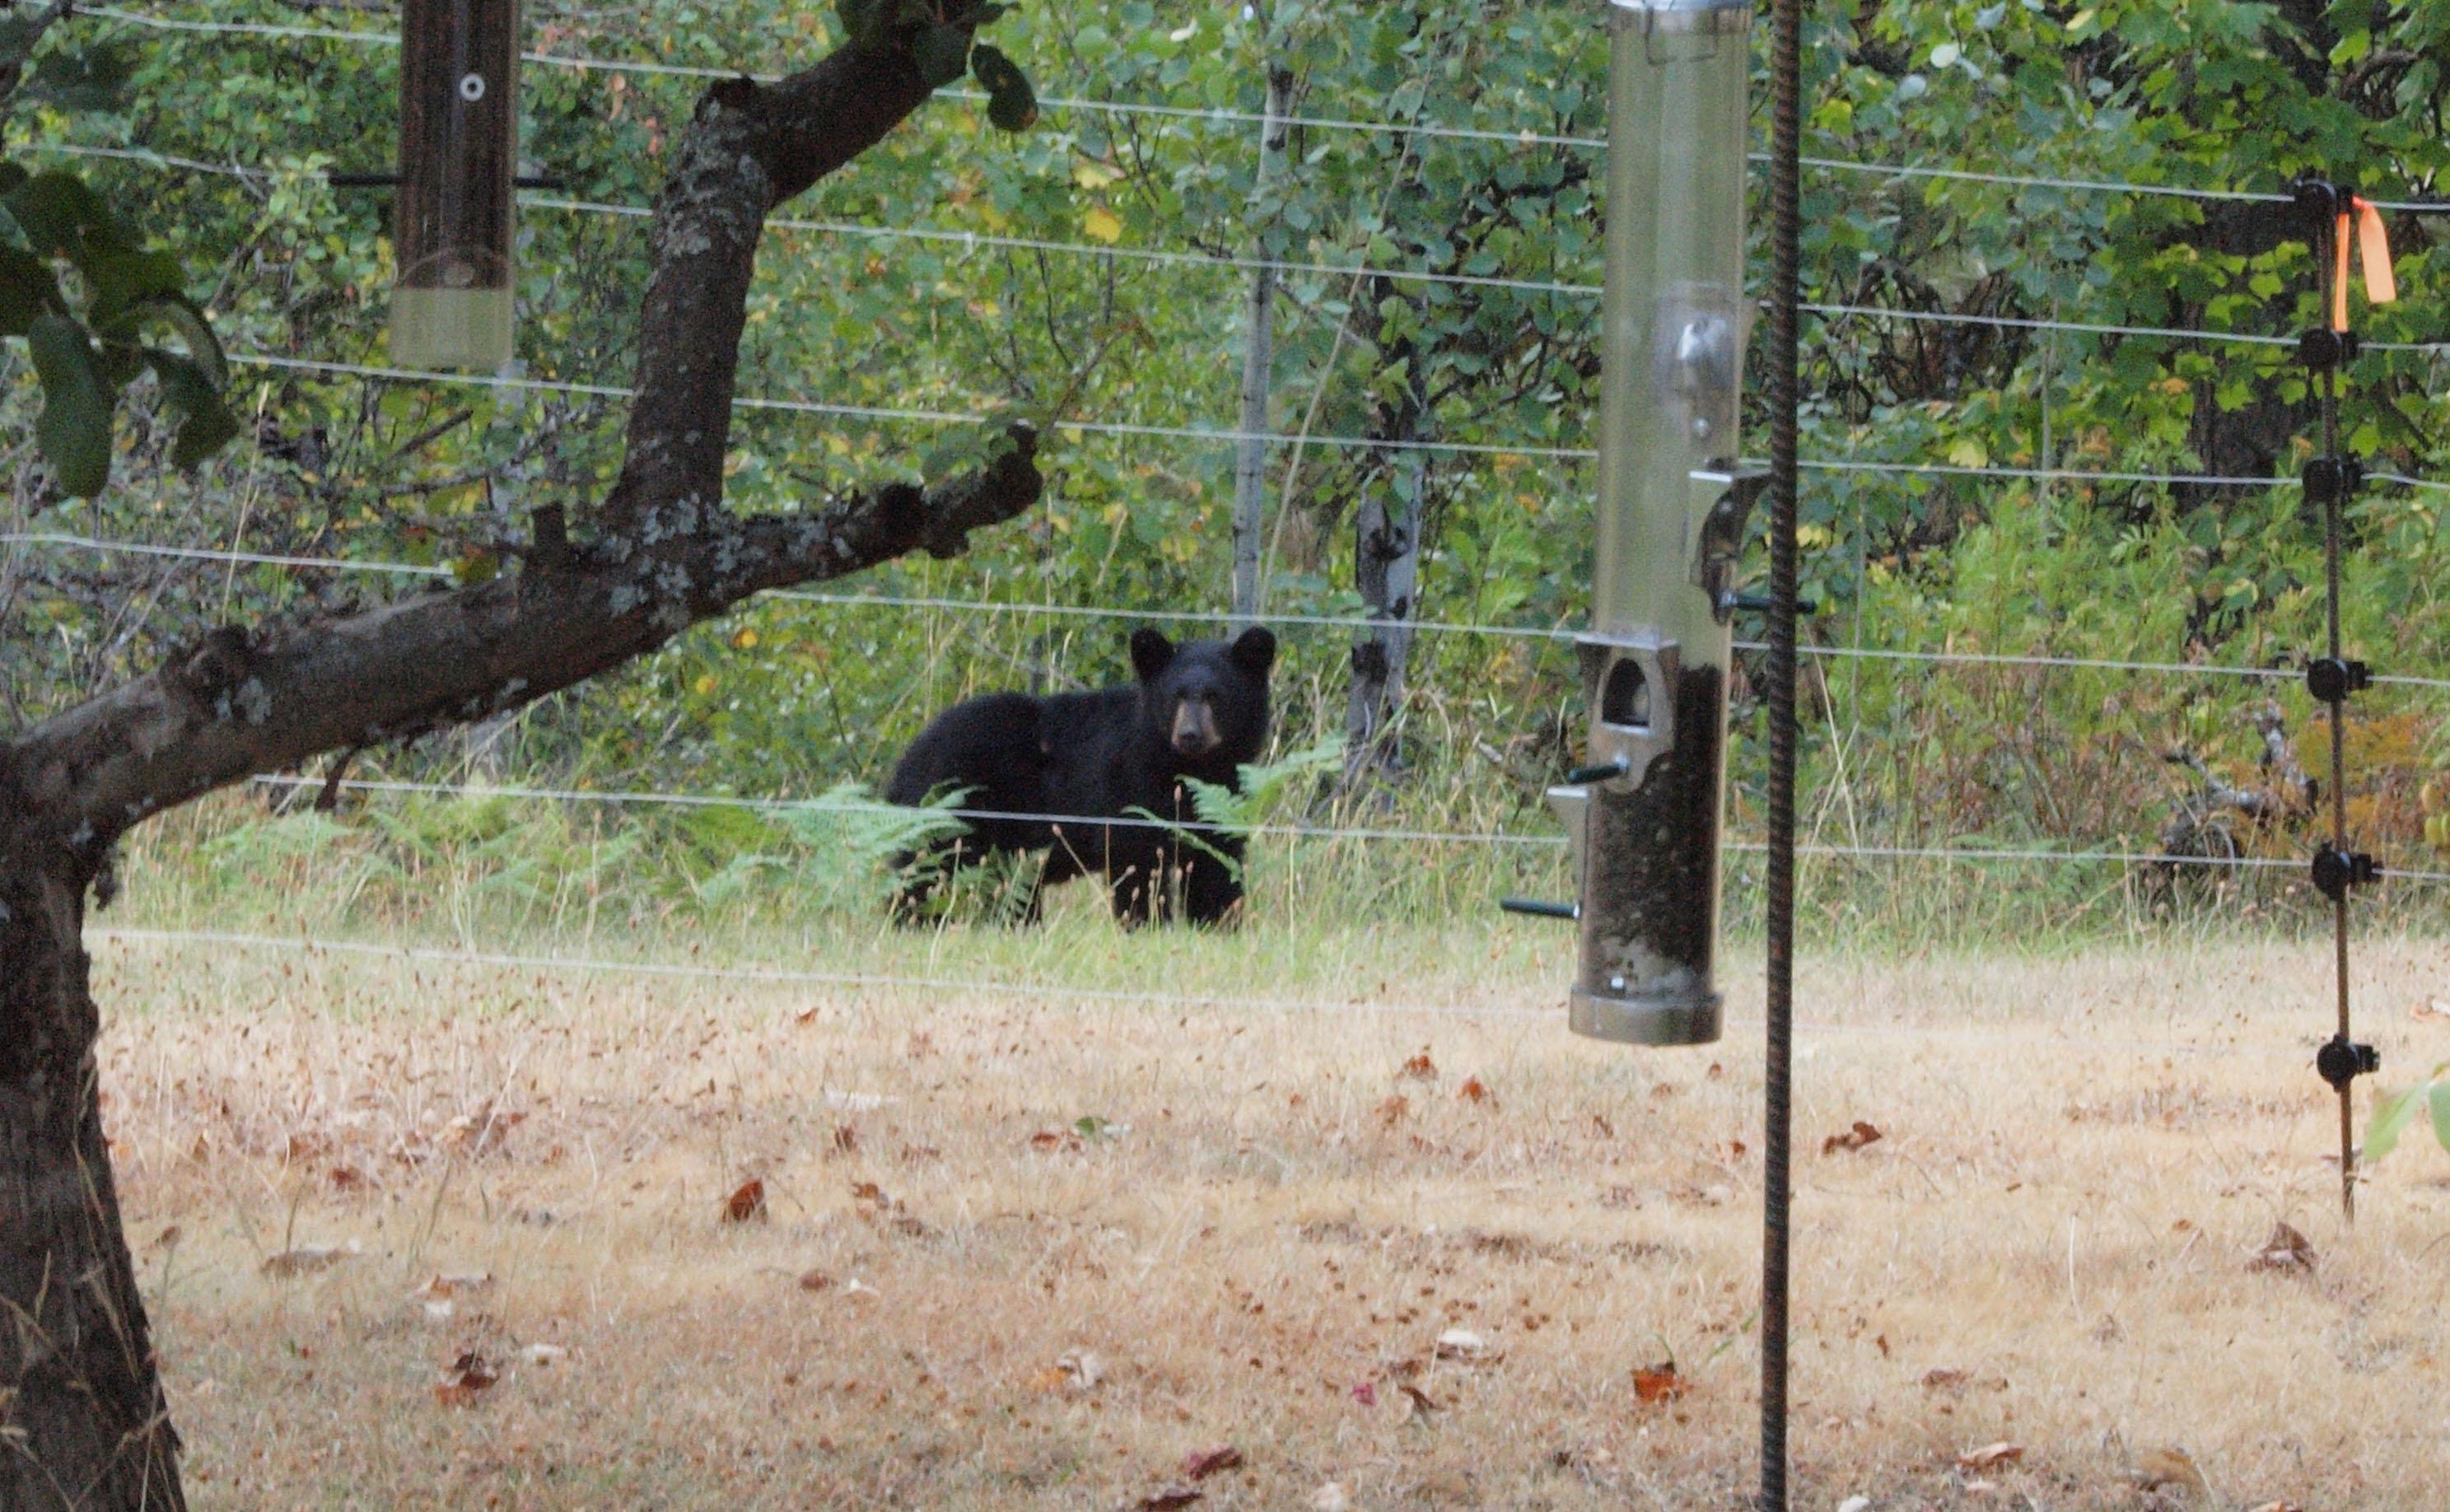 Pet And Livestock Feed Gt Revelstoke Bear Aware Society